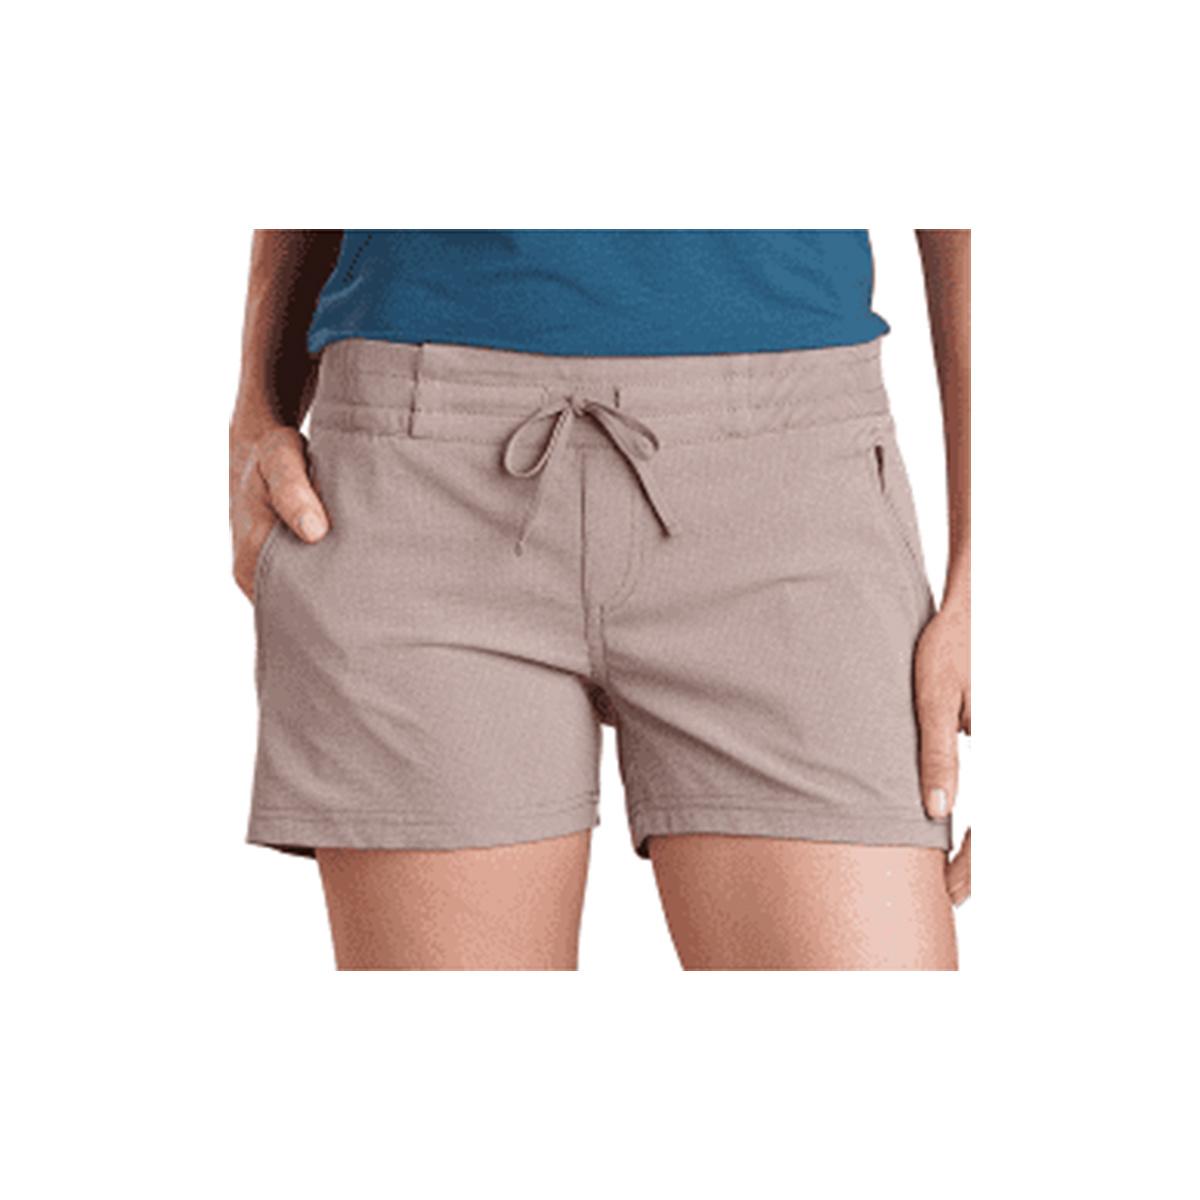 """Kuhl Women's Strattus Chino Short 5"""""""